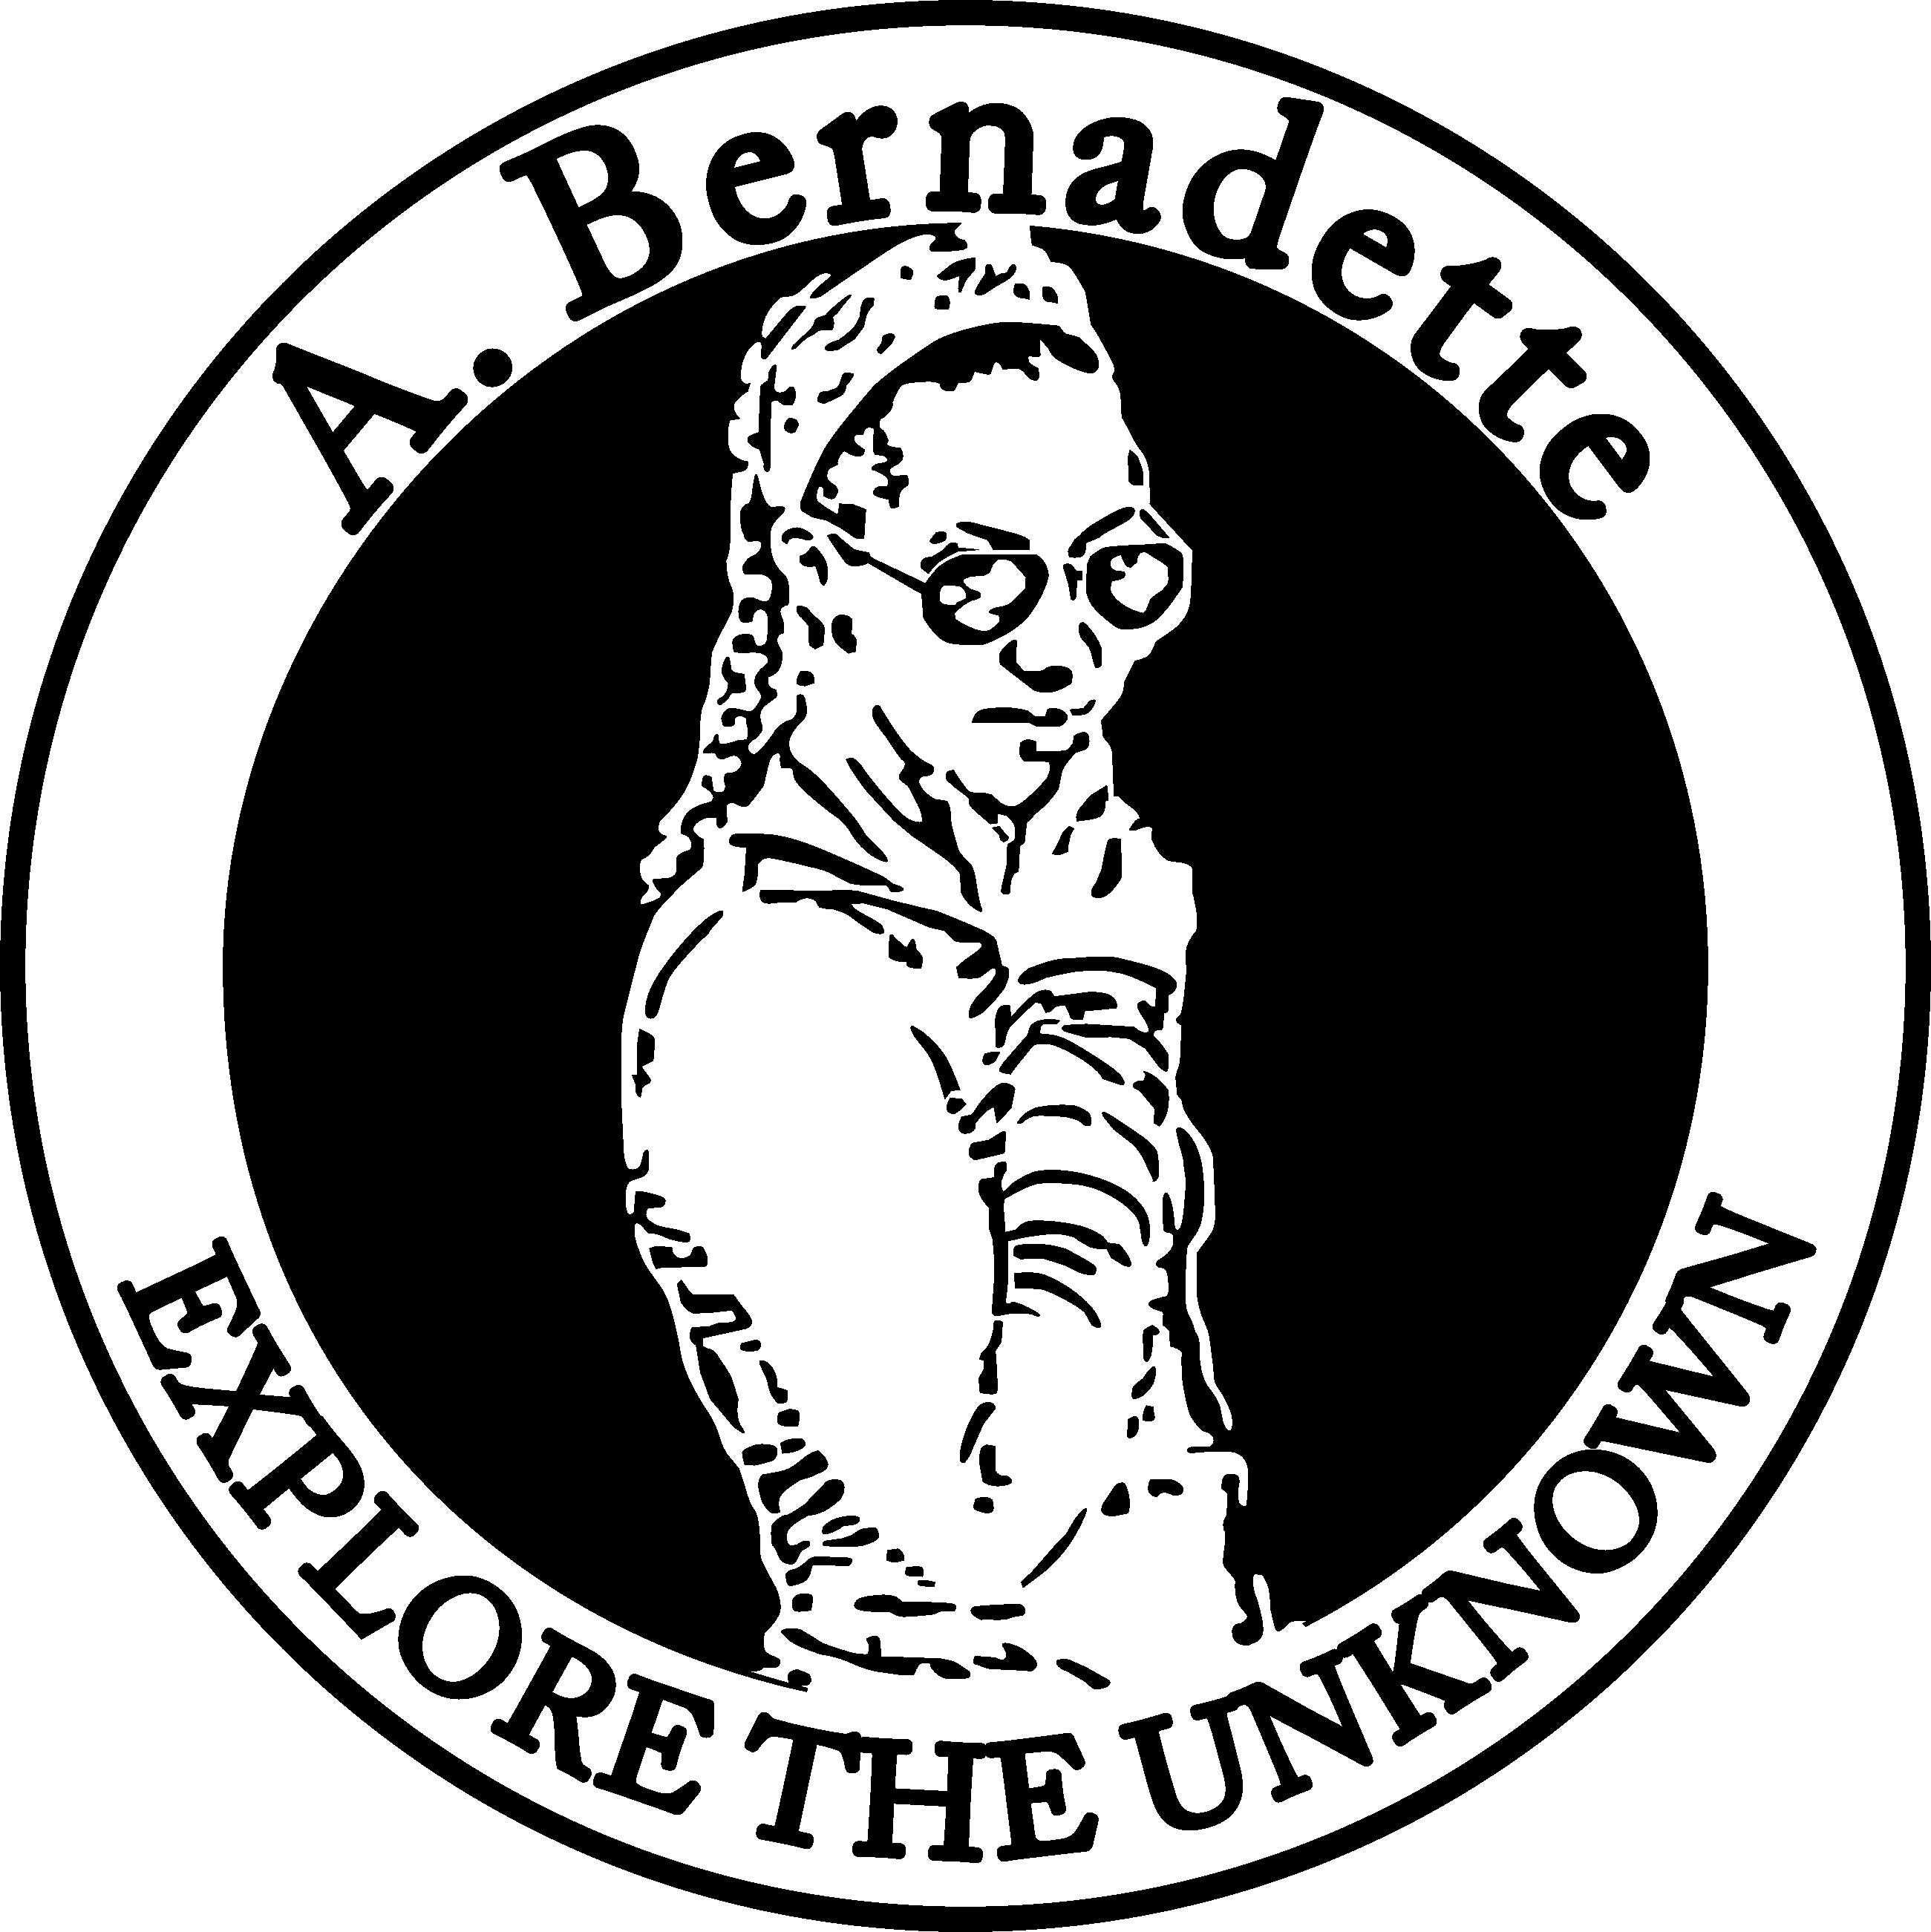 A. Bernadette - Partnership